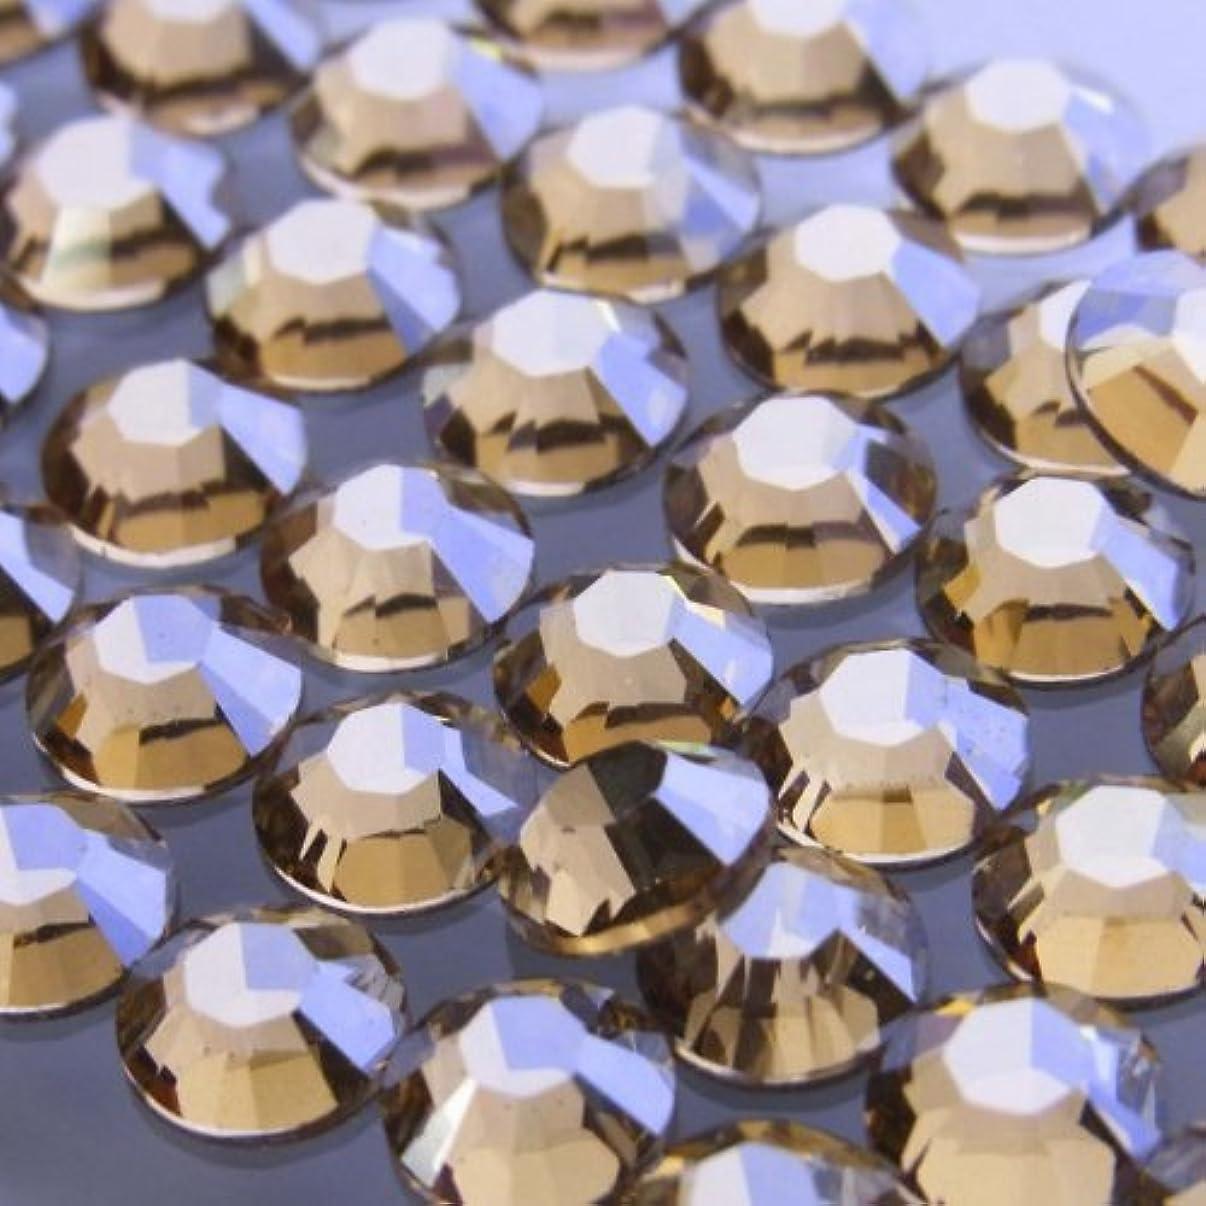 カプラー準備したエイリアン2058クリスタルゴールデンシャドウss7(100粒入り)スワロフスキーラインストーン(nohotfix)